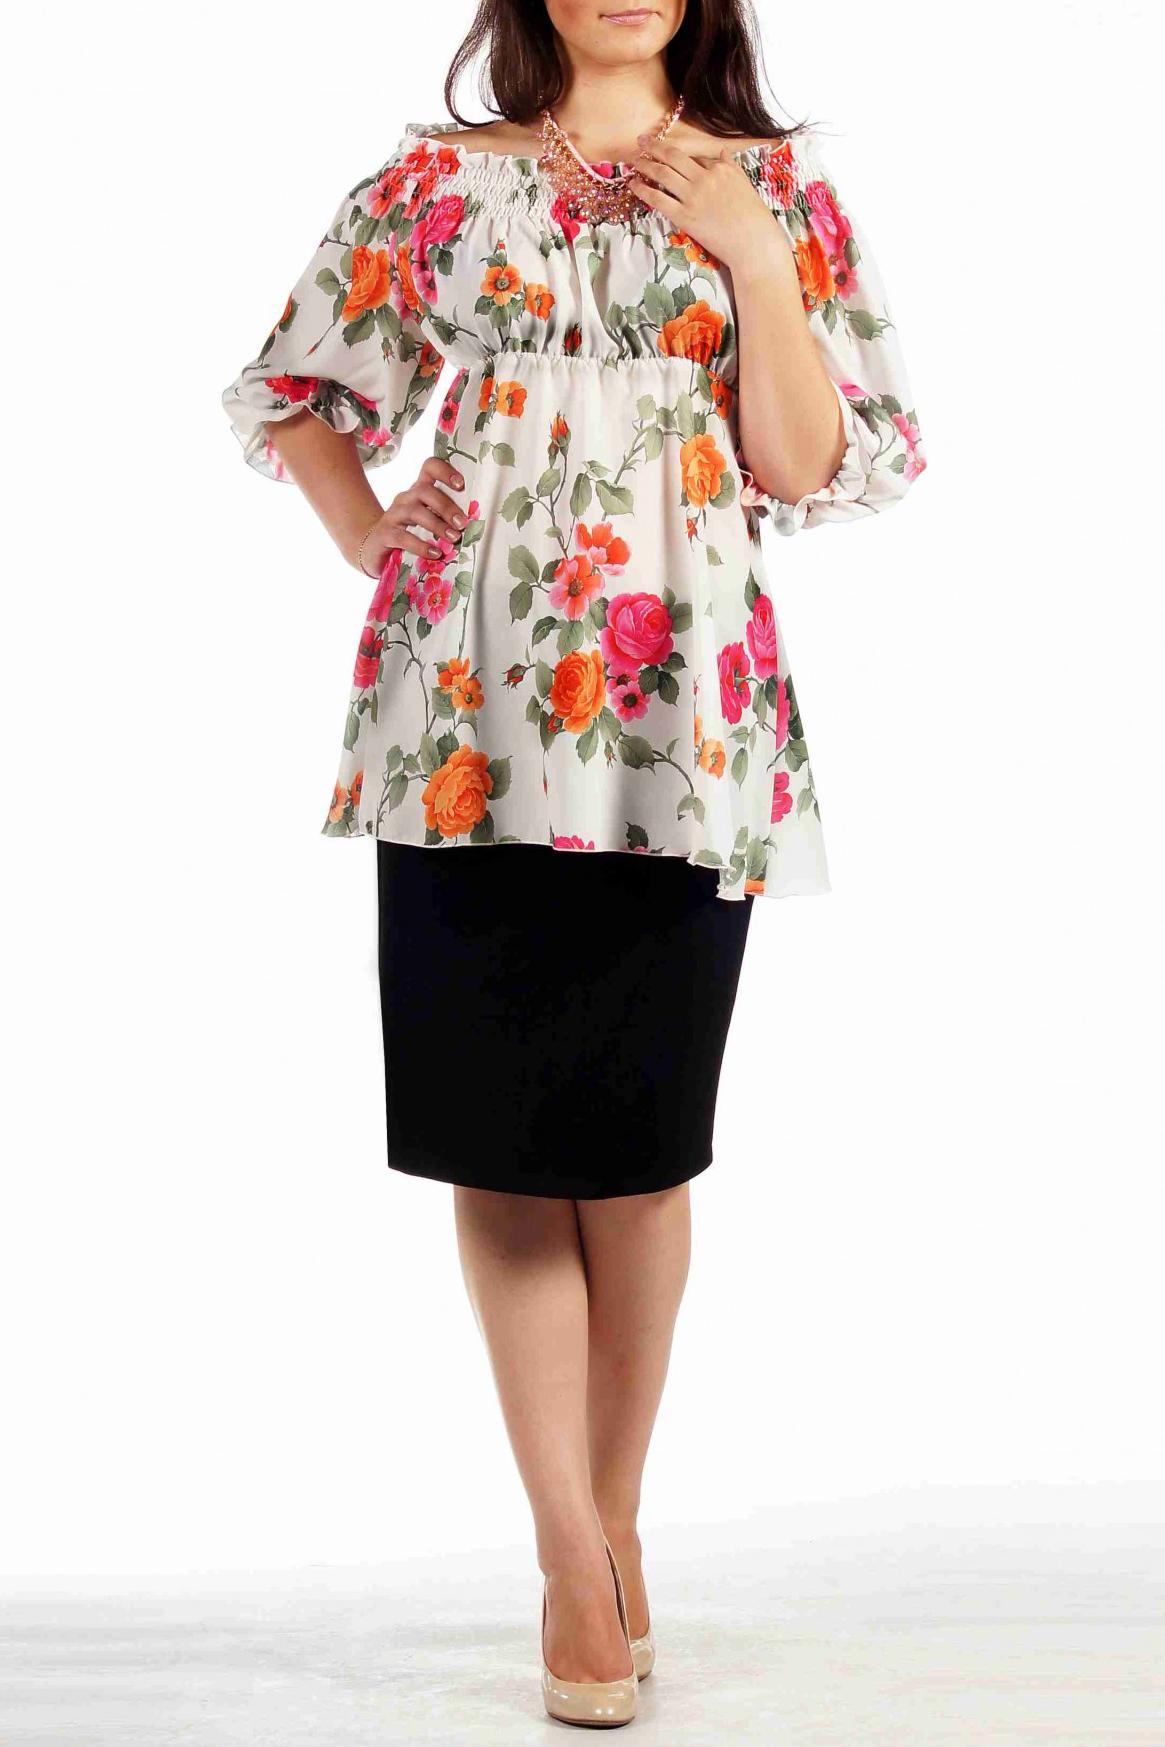 БлузкаБлузки<br>Нежная и женственная блузка из тонкой летящей ткани - прекрасный вариант для работы и роматнических встреч. Блузка отрезная под грудью с расклешеной нижней частью. Благодаря большому объему блузки присобранному рядами строчек нитки-резинки в области горловины создается эффект воздушности изделия при легкой фиксации на теле. За счет такого оформления горловины блузка может носится в двух положениях: оголив плечи или закрыв их. Рукав покроя реглан длиной до локтя на тонкой резинке по низу.  Длина изделия около 68 см.  Цвет: белый, оранжевый, розовый, зеленый  Ростовка изделия 170 см.<br><br>По материалу: Вискоза<br>По рисунку: Растительные мотивы,С принтом,Цветные,Цветочные<br>По сезону: Весна,Зима,Лето,Осень,Всесезон<br>По силуэту: Полуприталенные<br>По стилю: Повседневный стиль<br>Рукав: Рукав три четверти<br>Размер : 48,50,52,56,58<br>Материал: Вискоза<br>Количество в наличии: 5